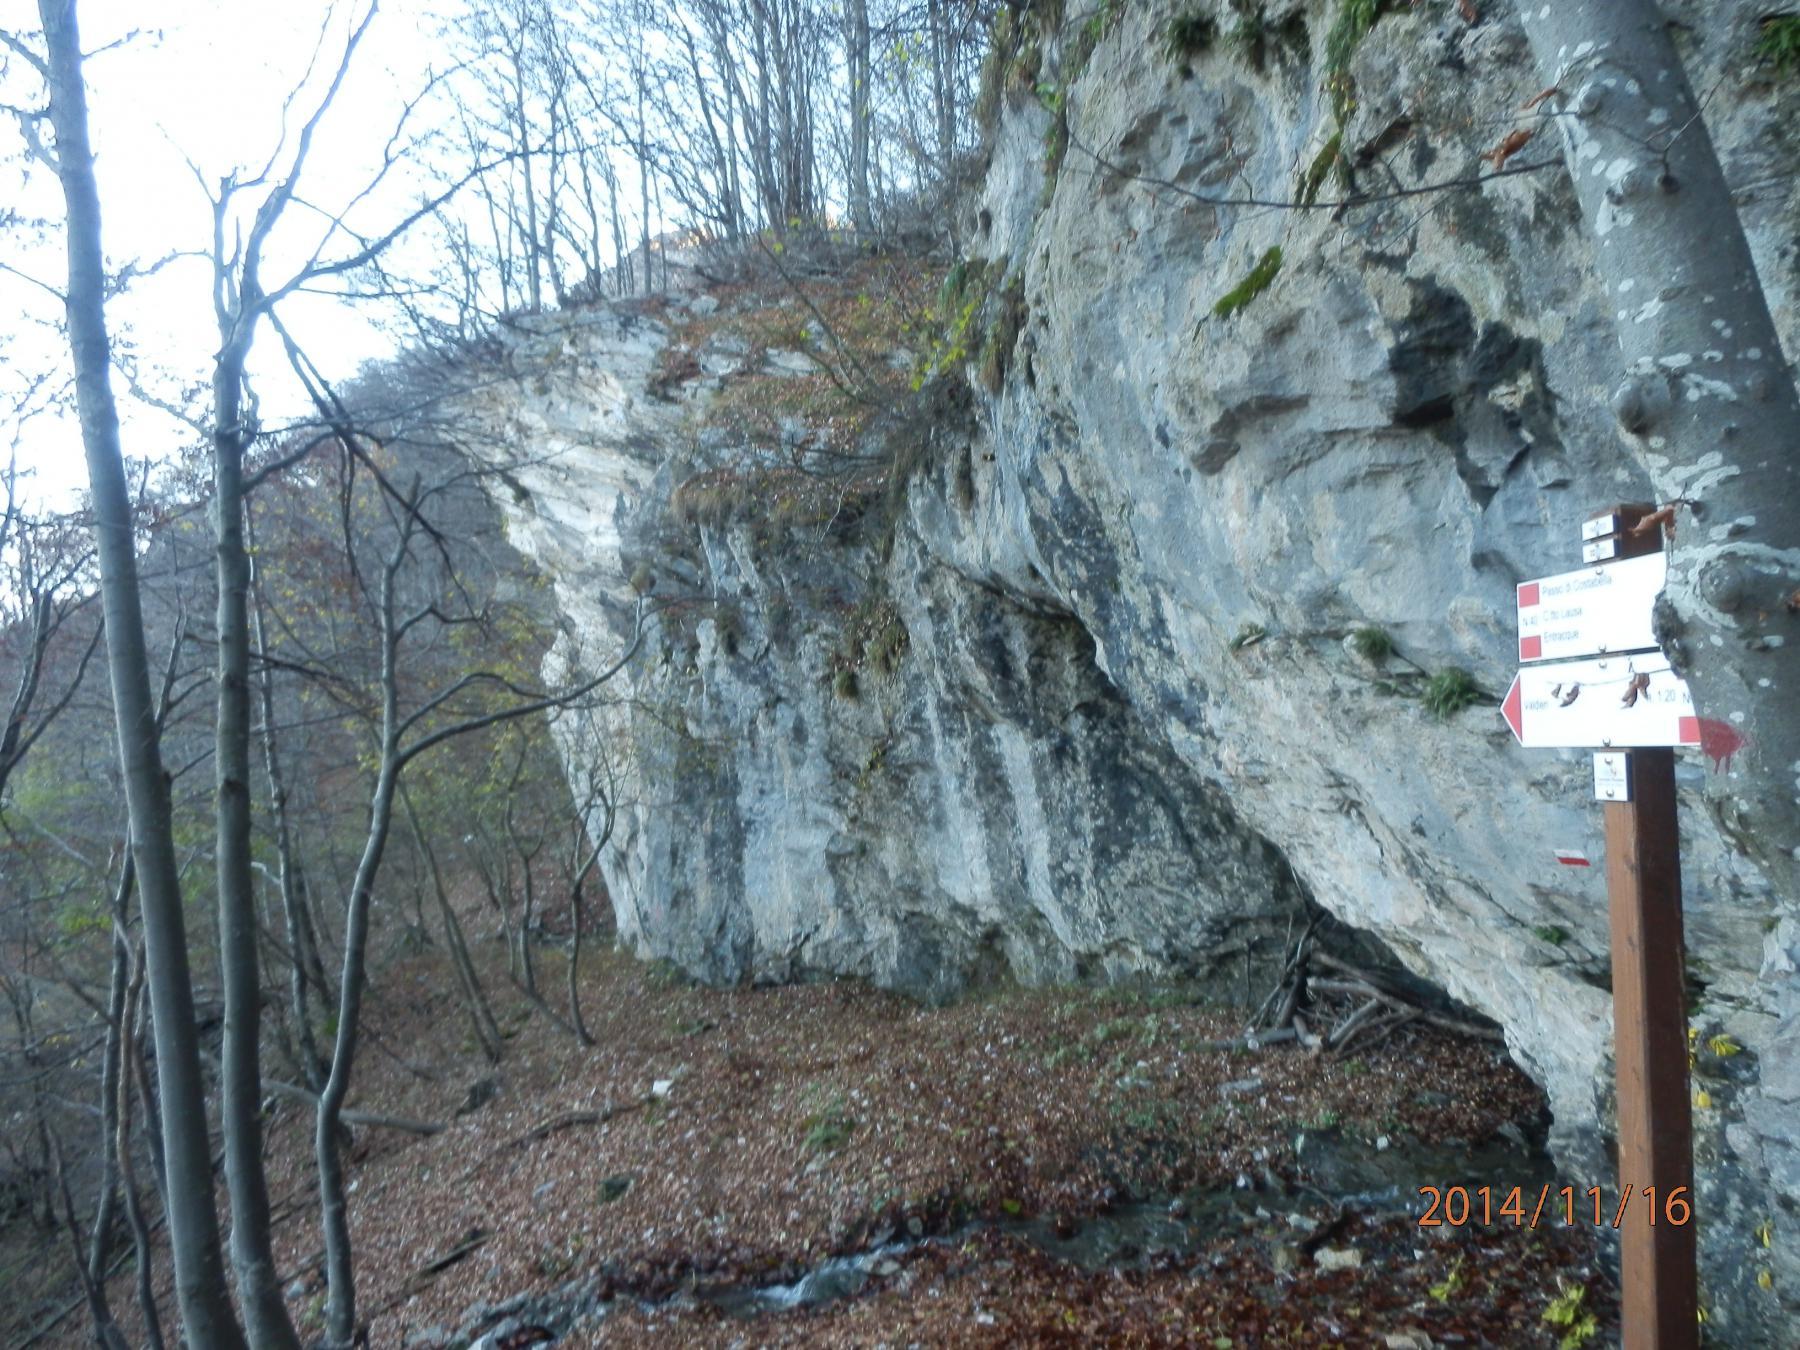 lungo la salita al Passo di Costabella; suggestivi anfratti rocciosi...